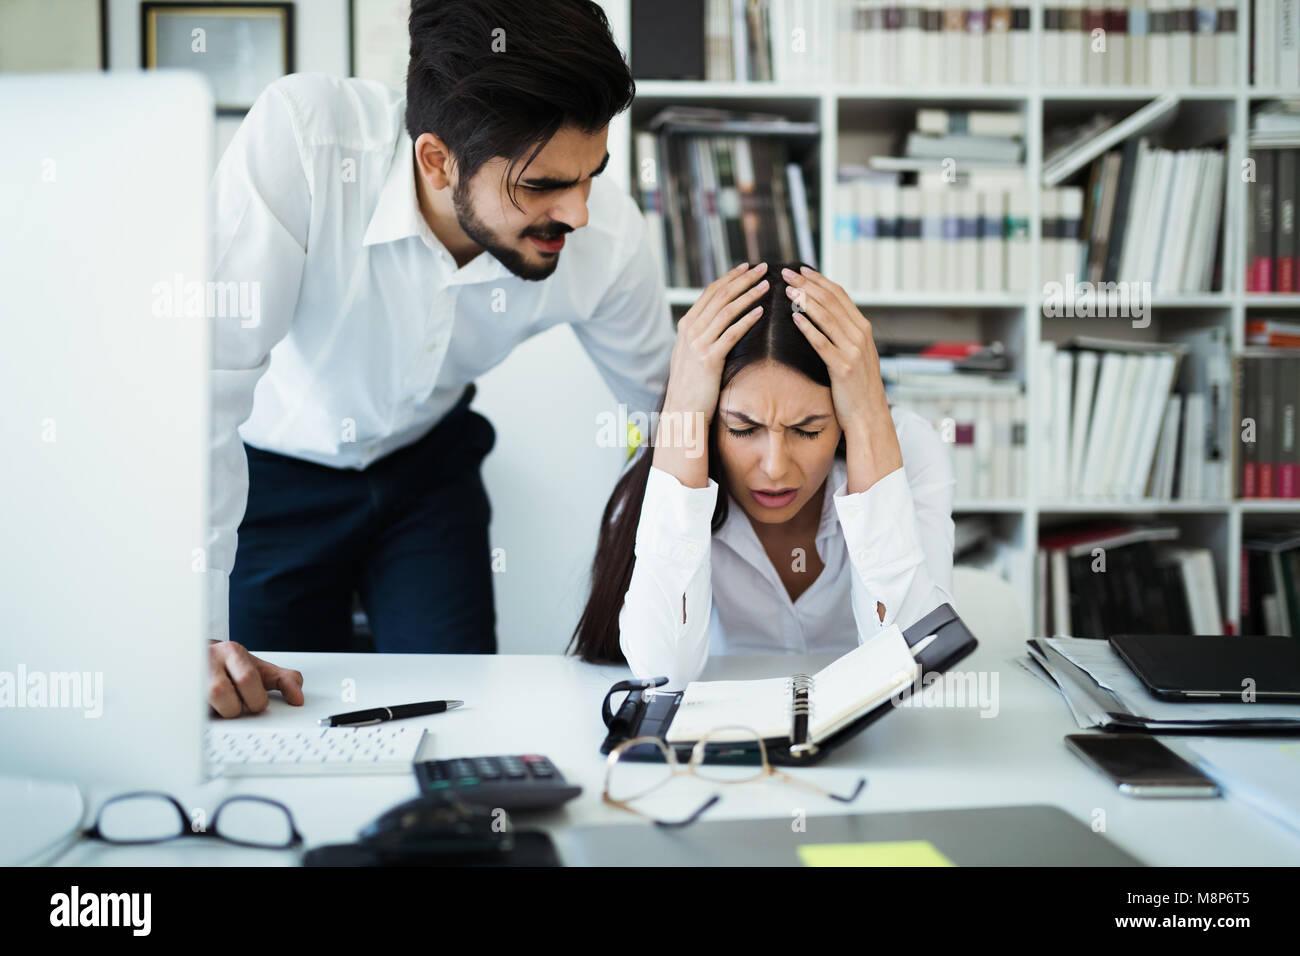 Wütend genervt Chef rügen Mitarbeiter Angst gefeuert zu werden, beschuldigen, Fehler im Bericht, schlechte Stockbild